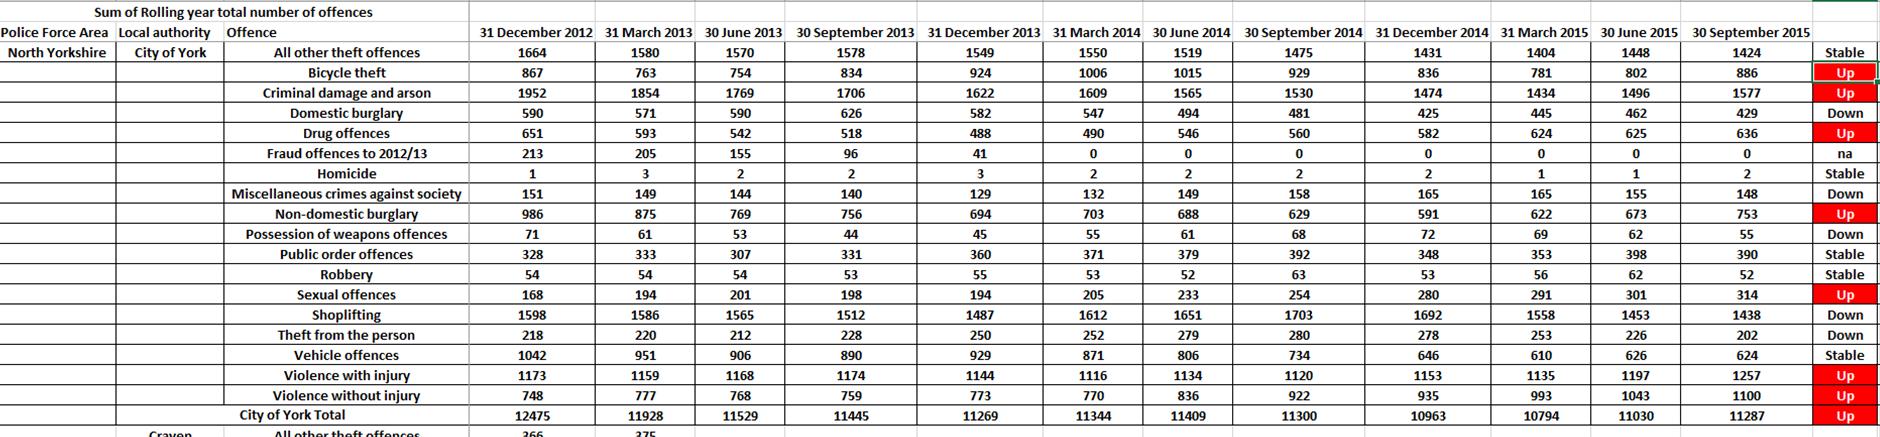 National Crime stats Jan 2016